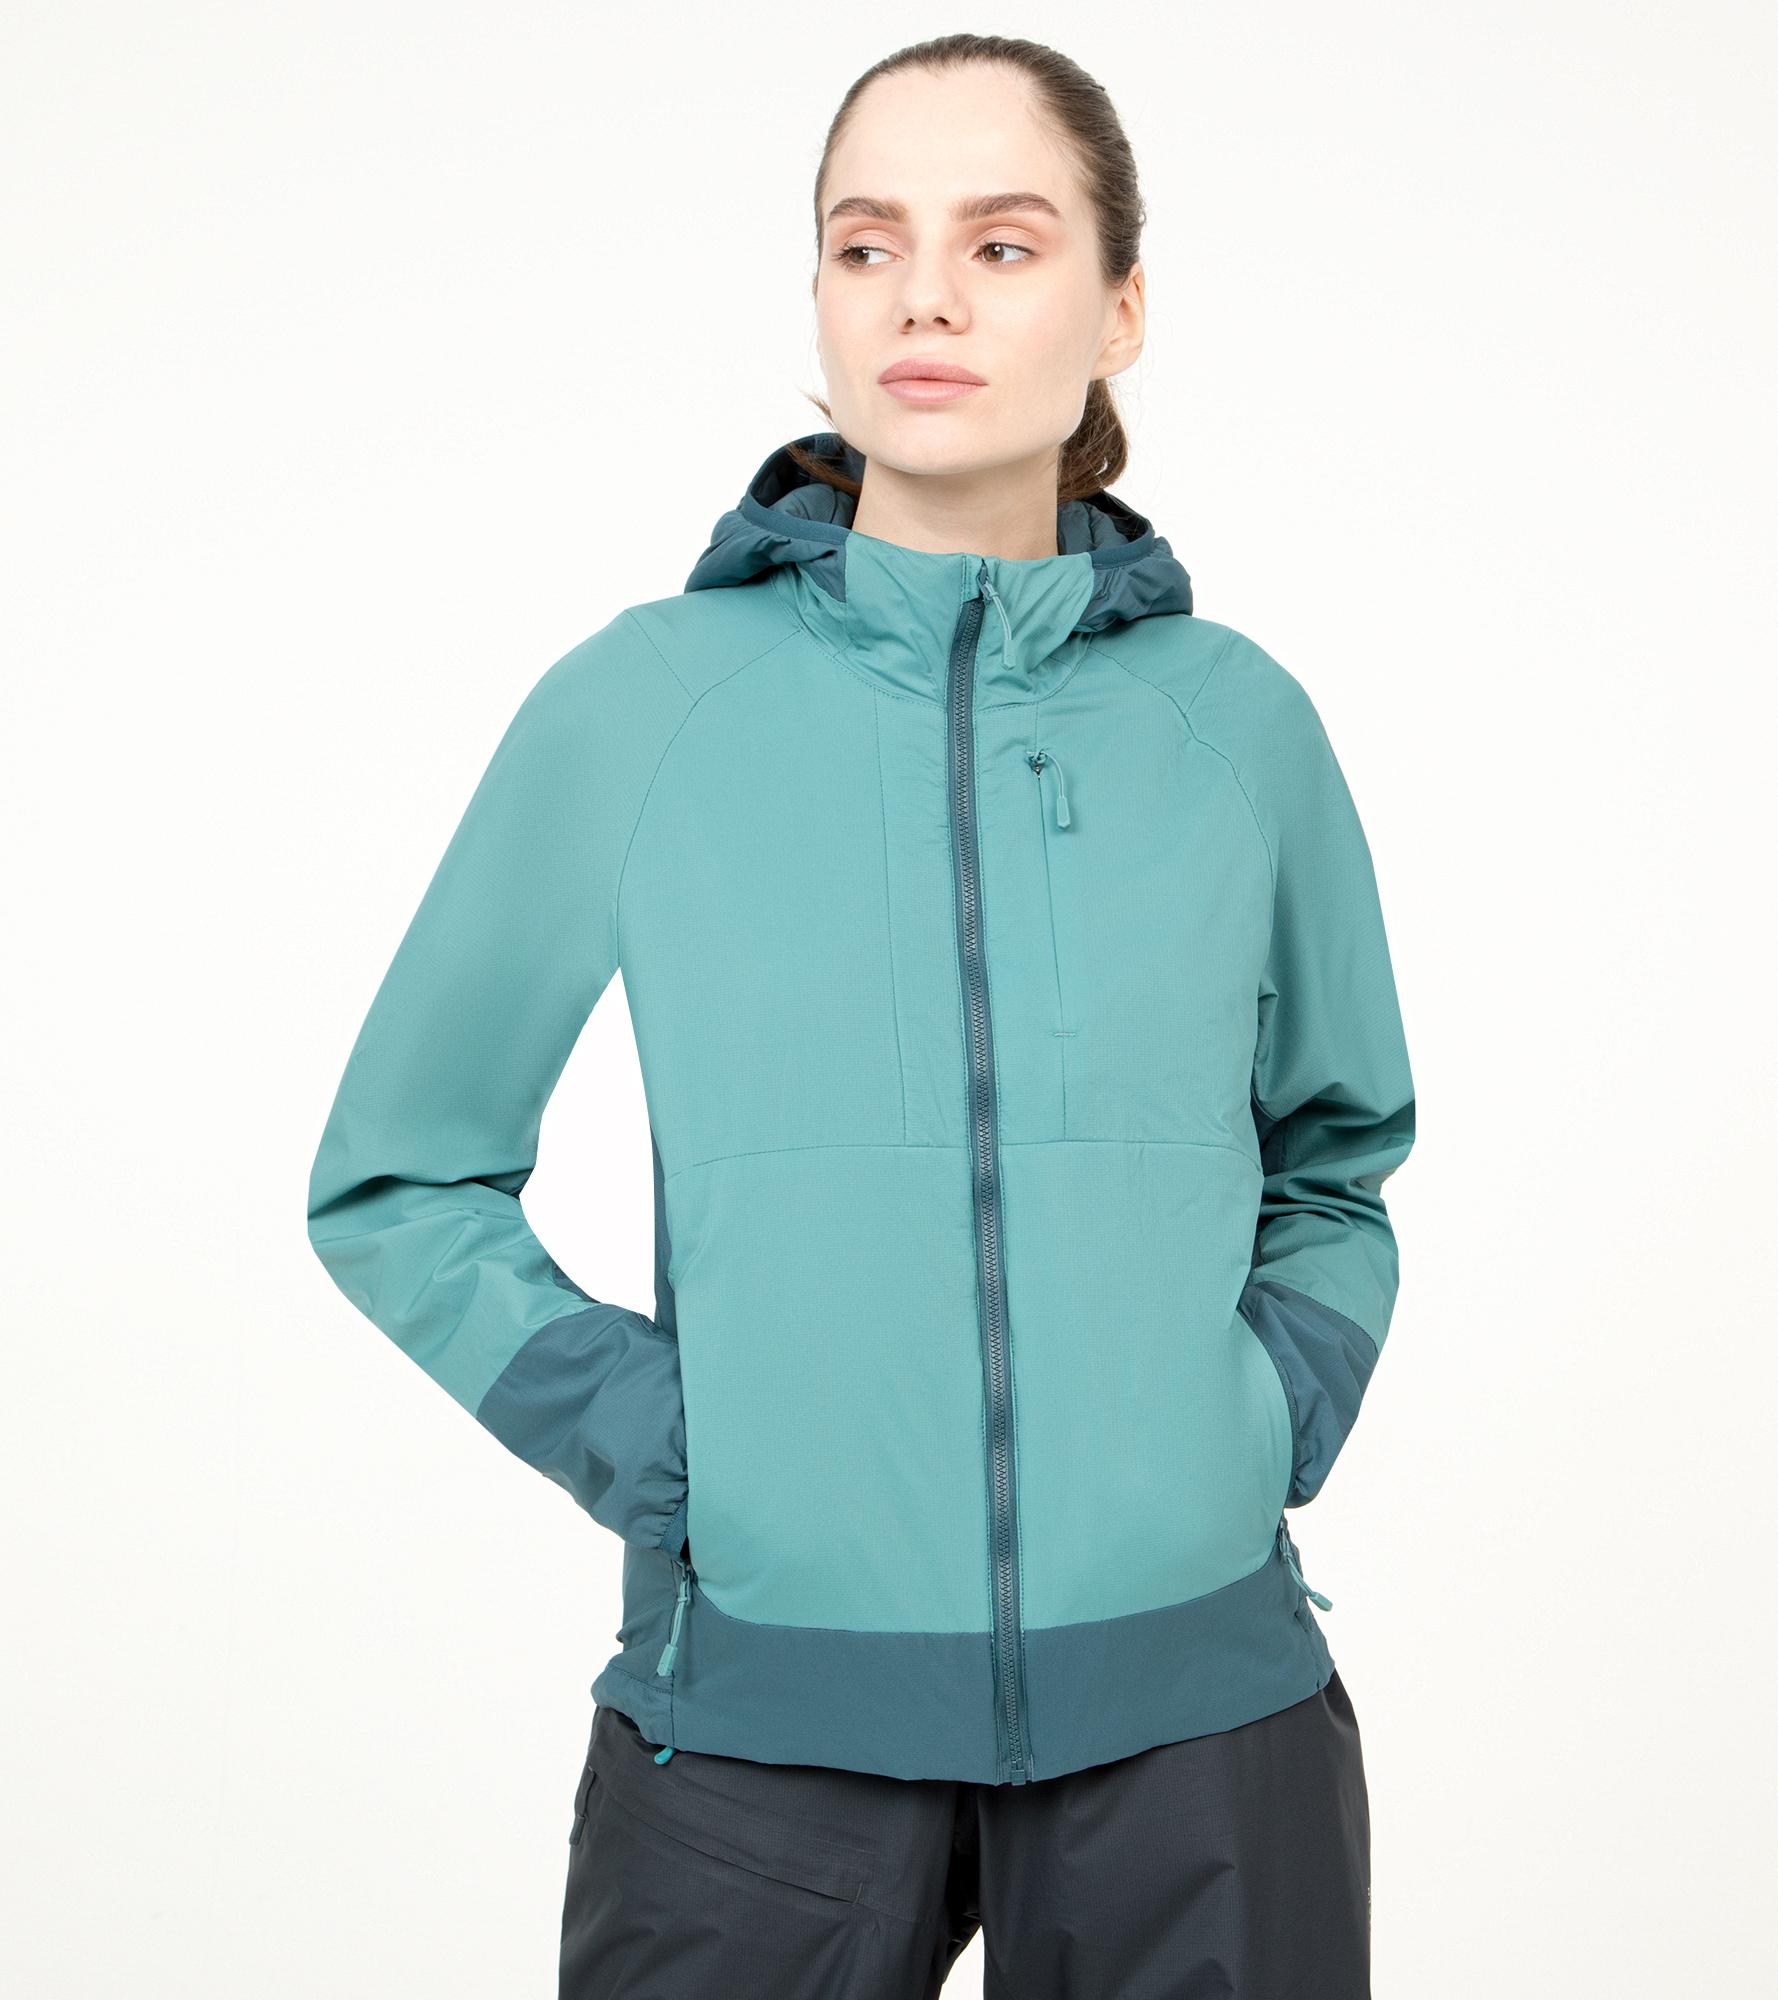 Mountain Hardwear Куртка утепленная женская Mountain Hardwear Kor Cirrus™ Hybrid, размер 48 mountain hardwear куртка утепленная мужская mountain hardwear ghost shadow™ размер 56